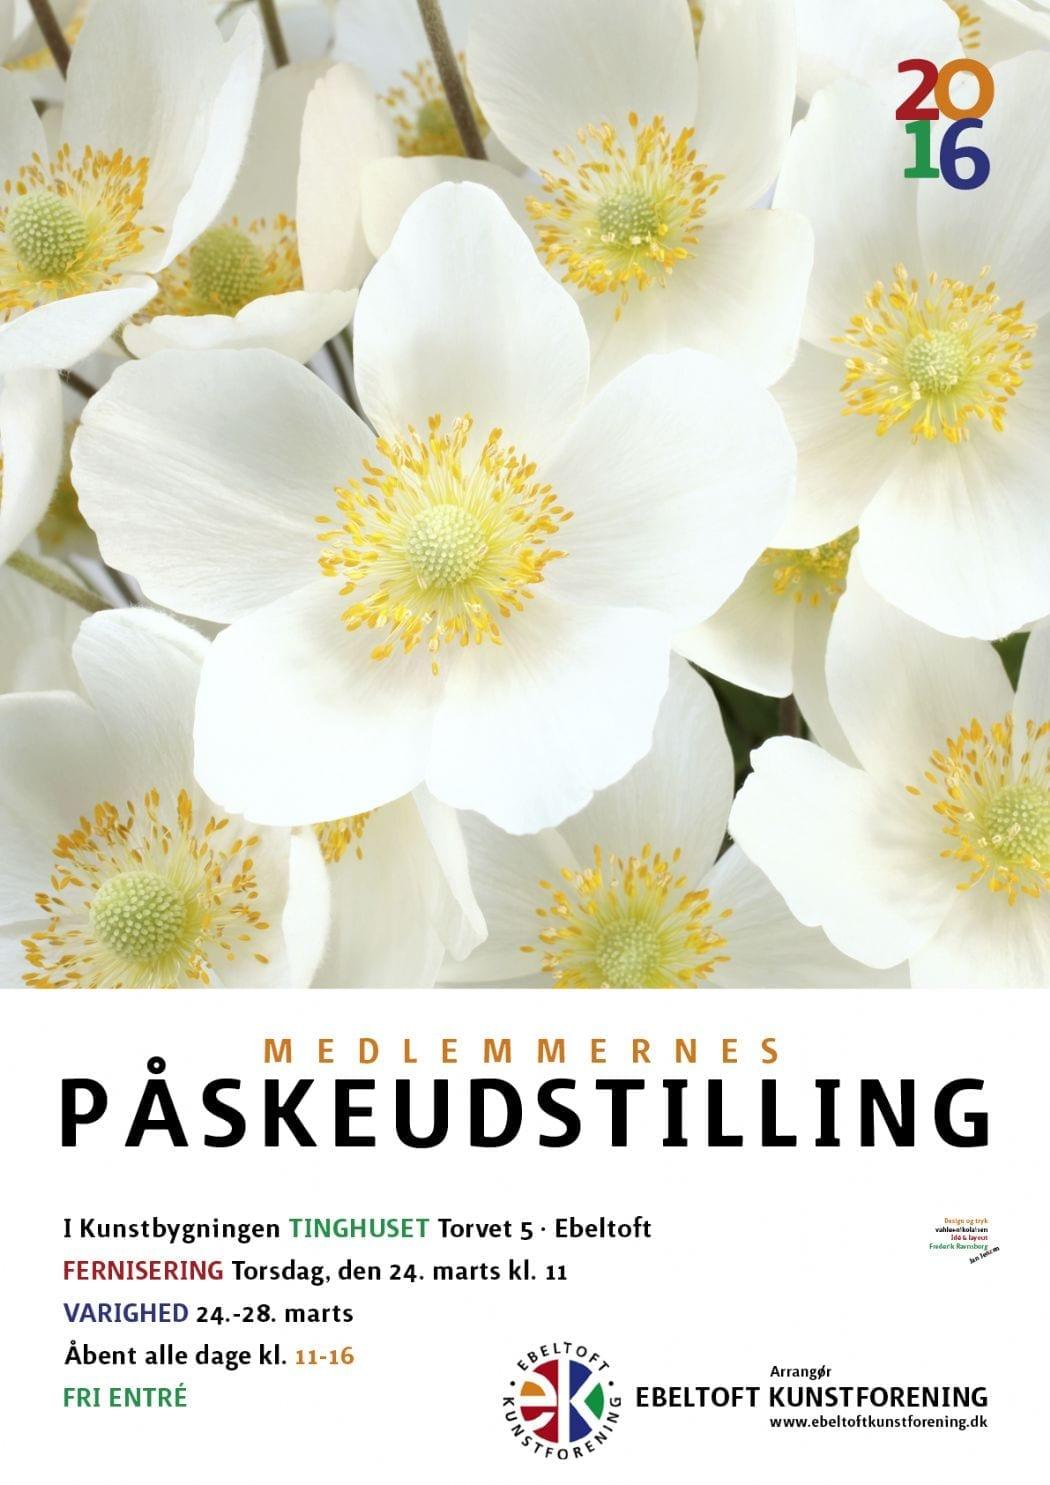 Nyhed, Påskeudstilling 2016, Ebeltoft Kunstforening, Lønstrup Hot Glass by Susan Vivi Sørensen